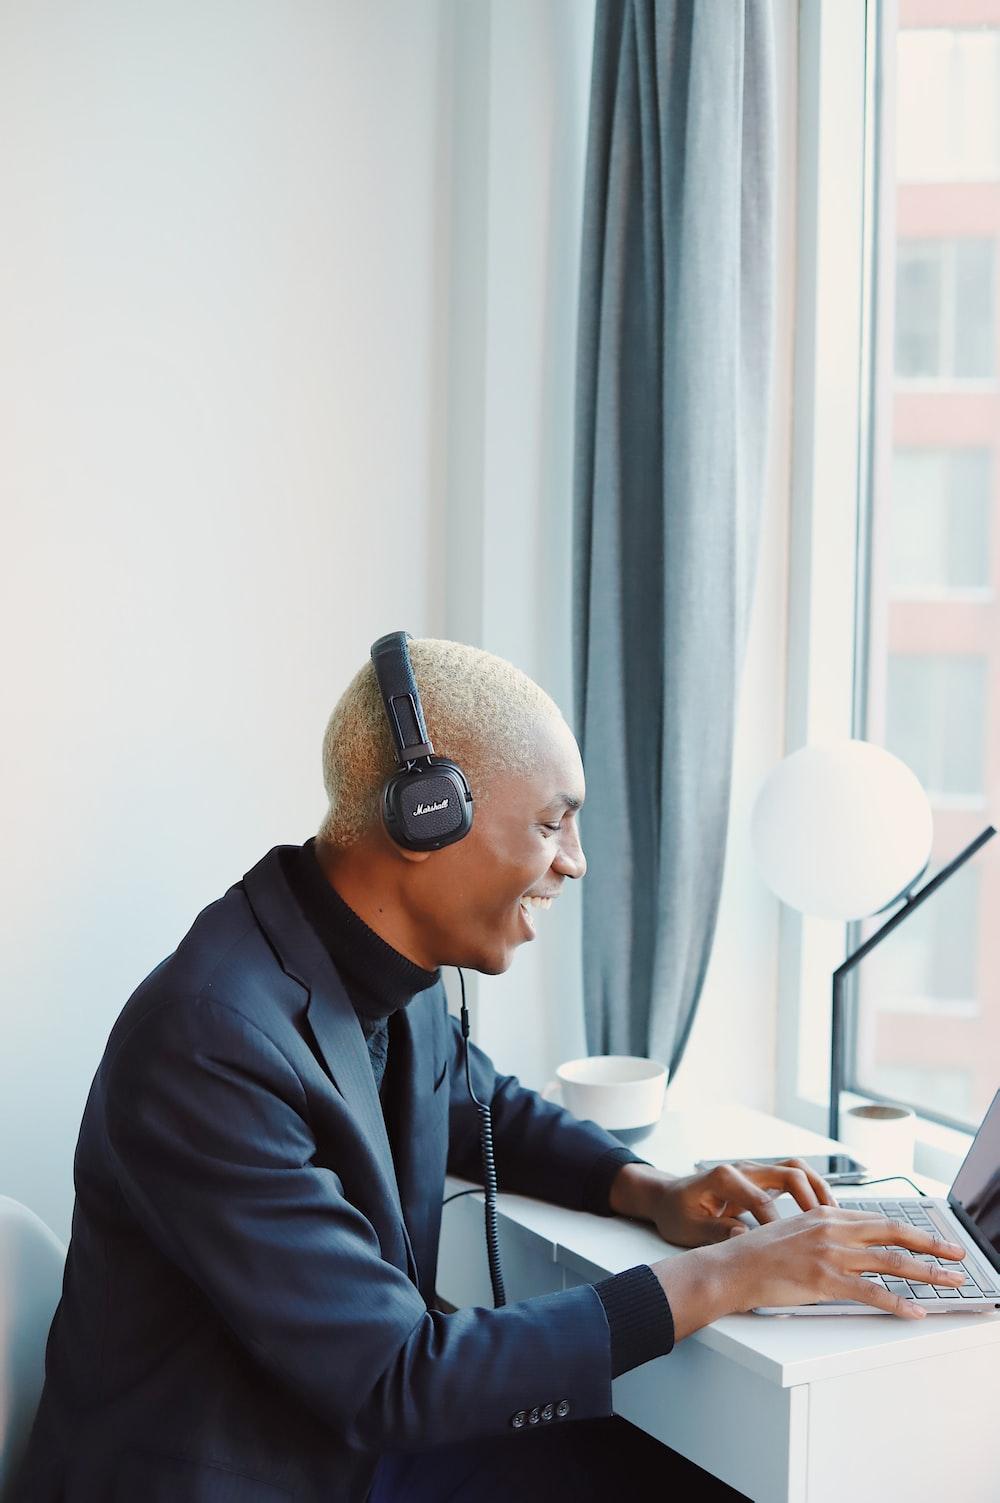 man in black jacket wearing headphones